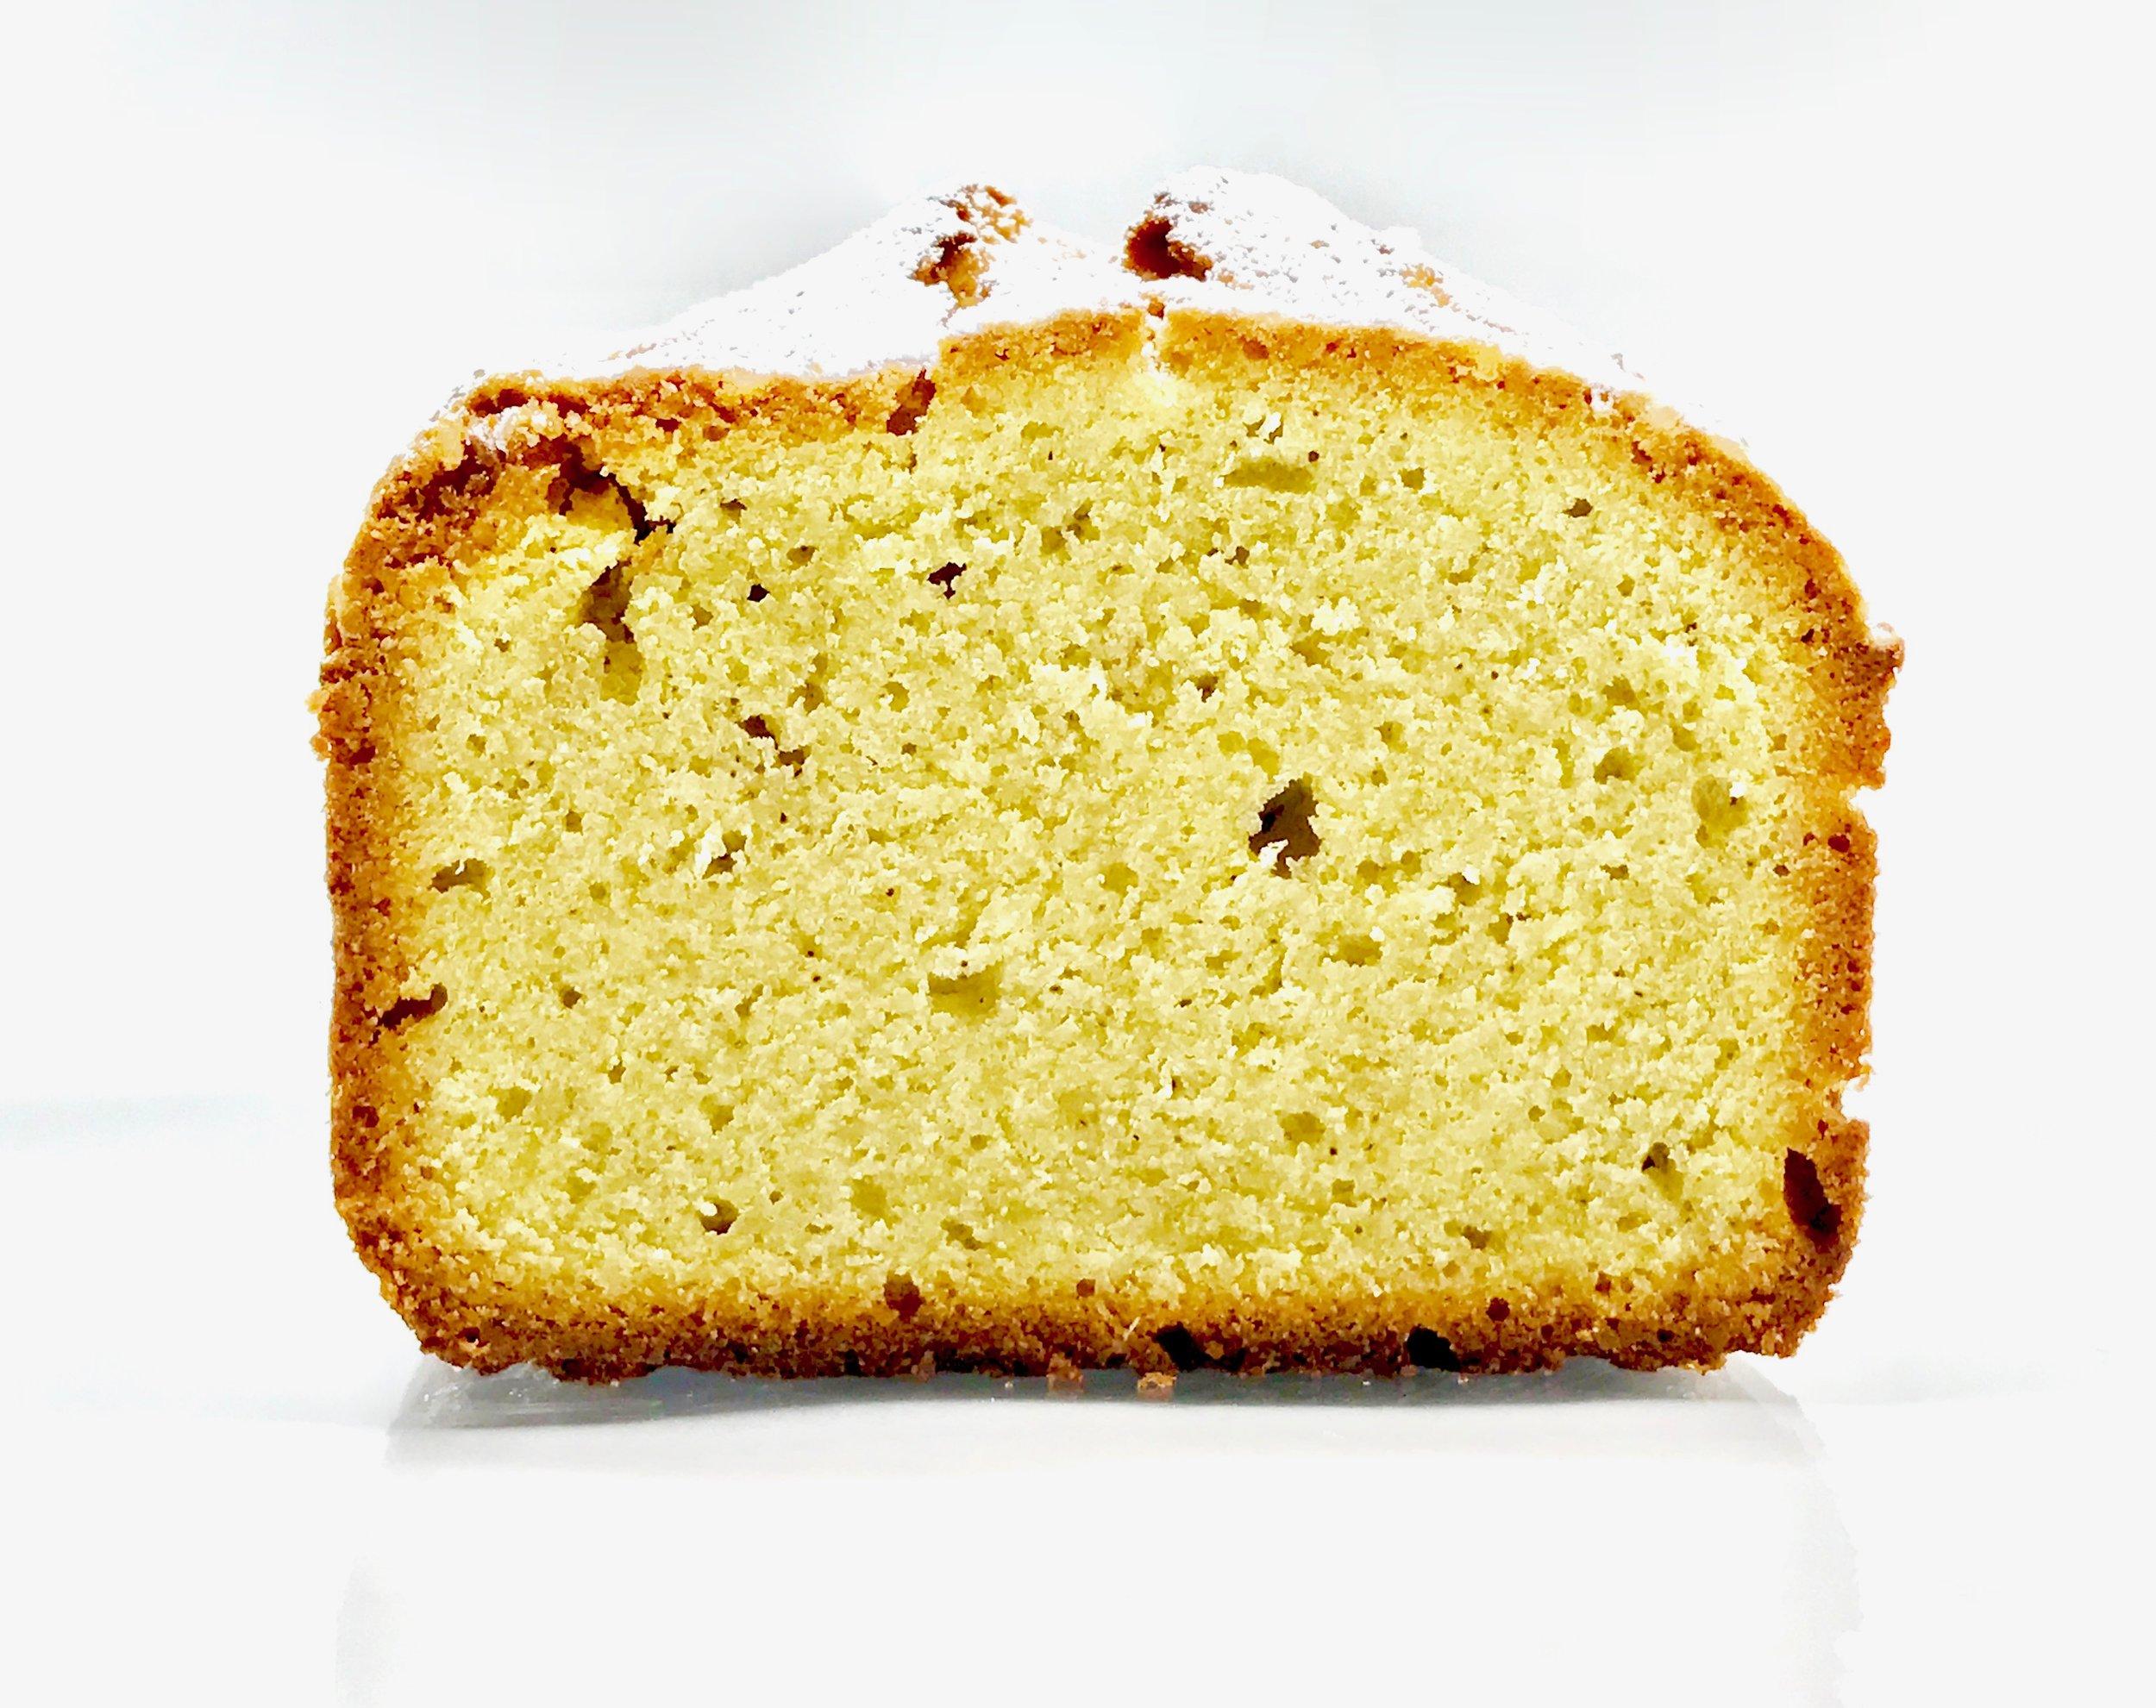 Pistachio Cardamom Bread